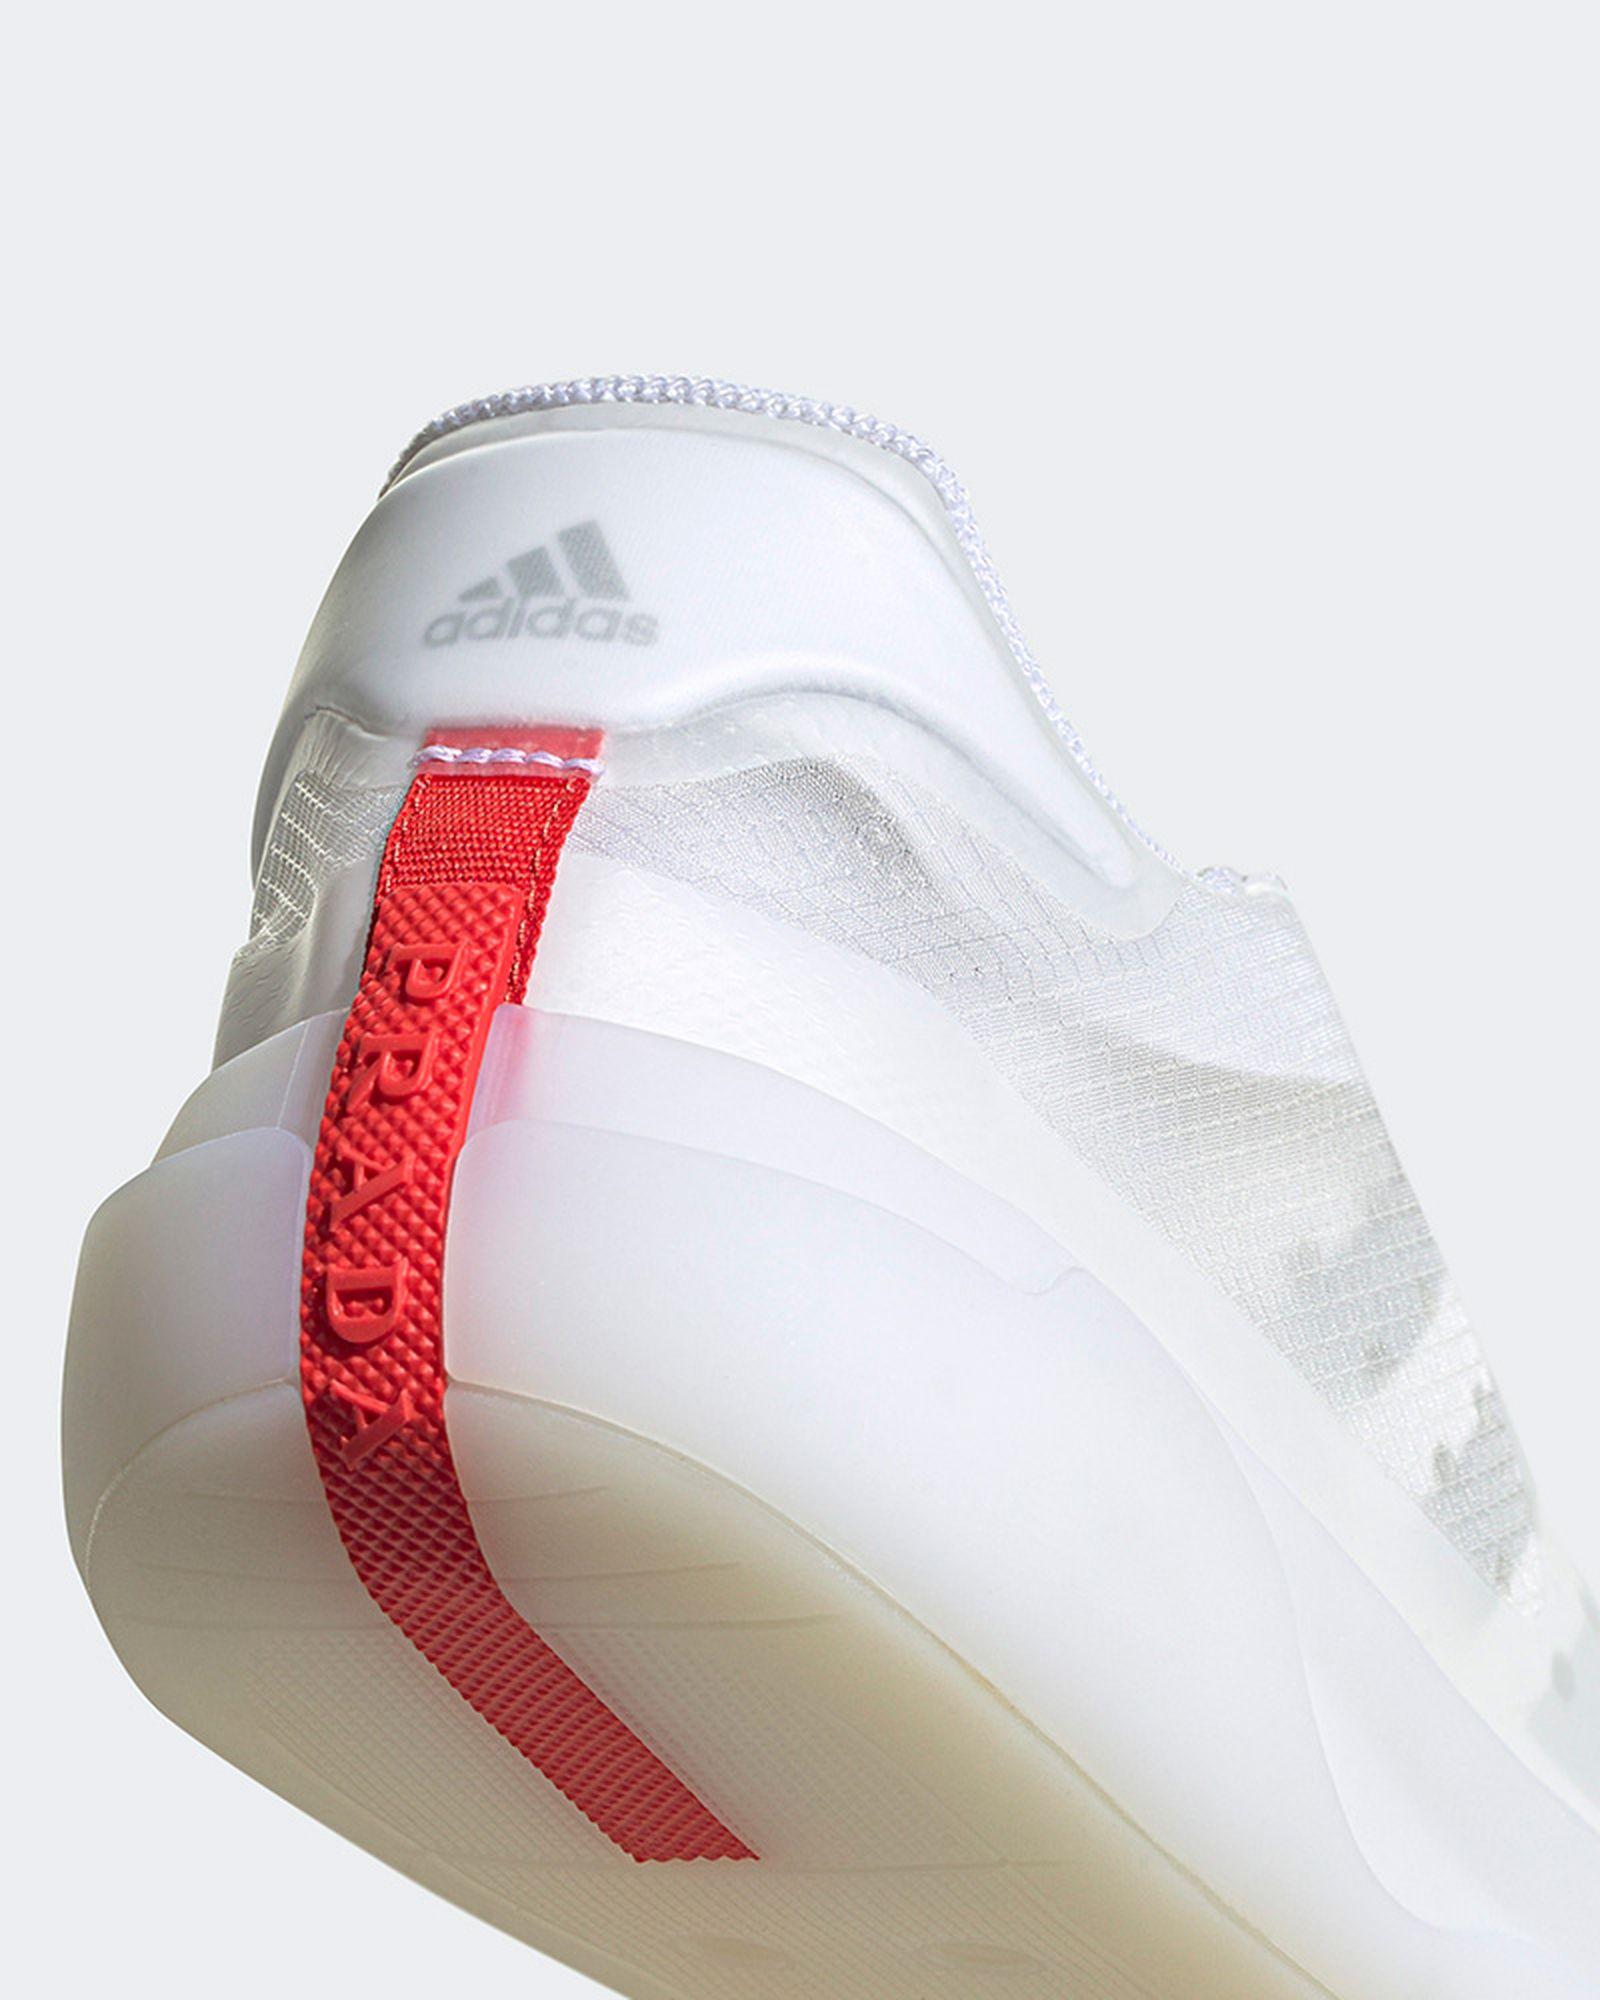 presión patio de recreo Cambiarse de ropa  The adidas x Prada Luna Rossa Sneaker Is On Sale Here